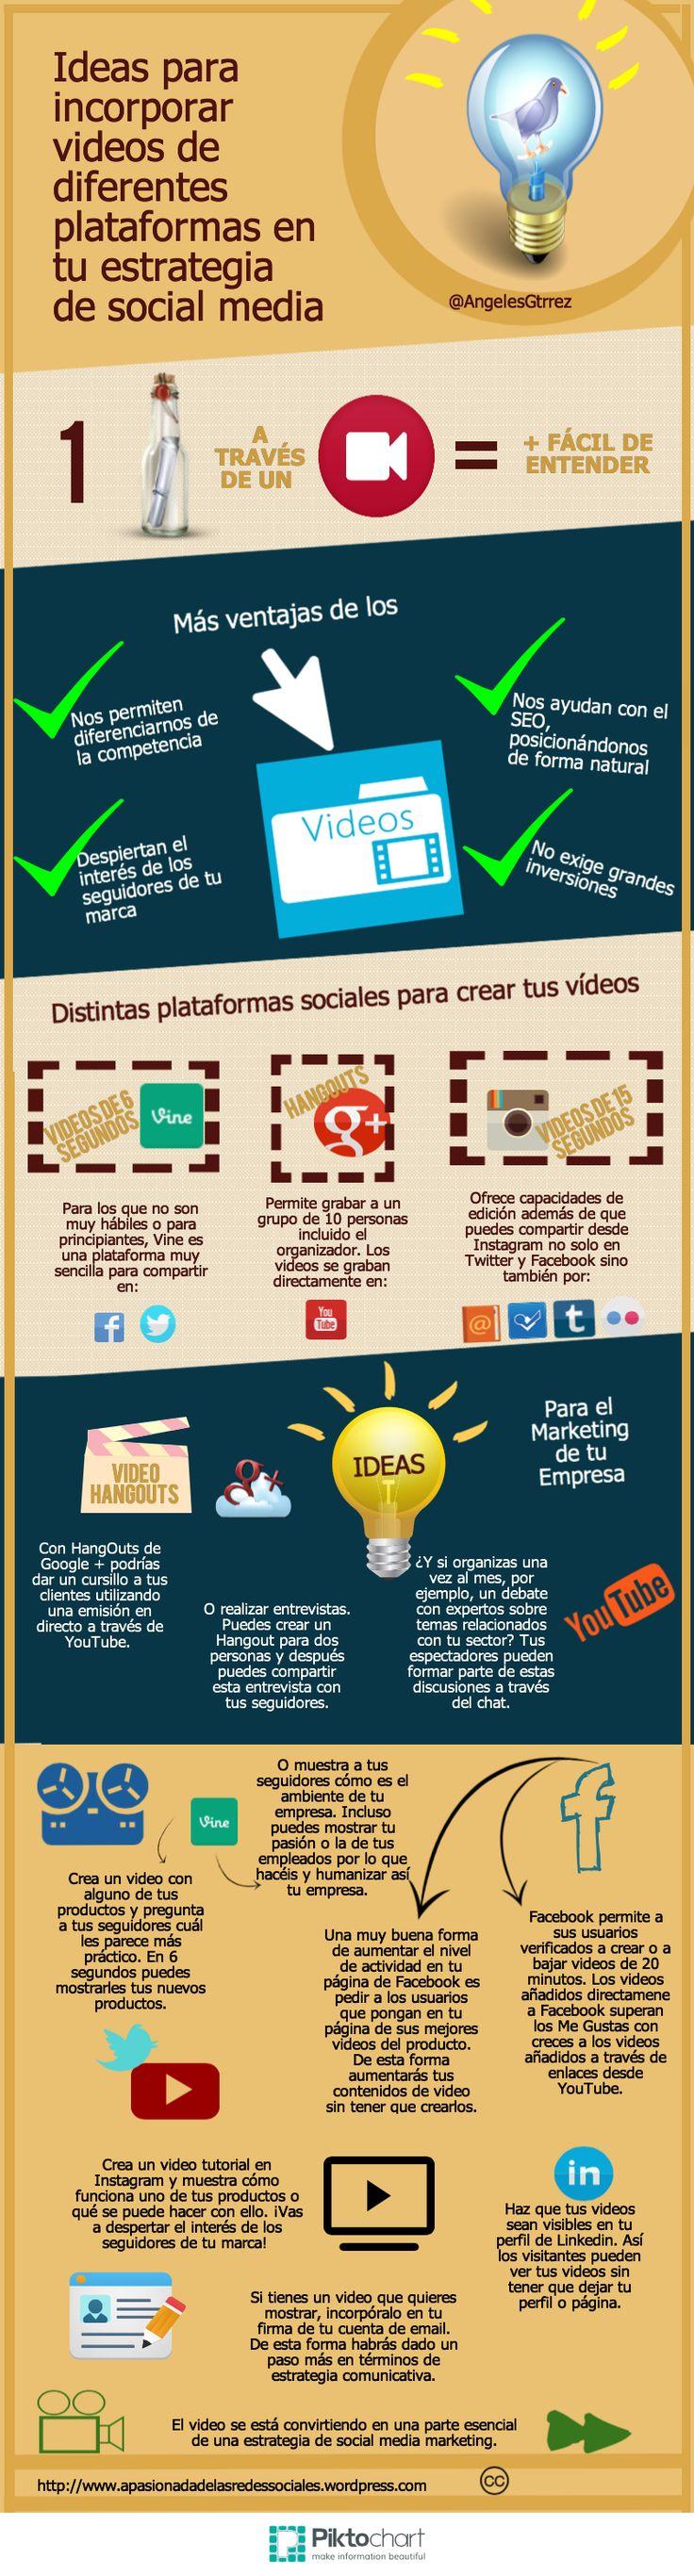 Ideas para incorporar #videos de diferentes plataformas en tu estrategia de #SocialMedia #Video